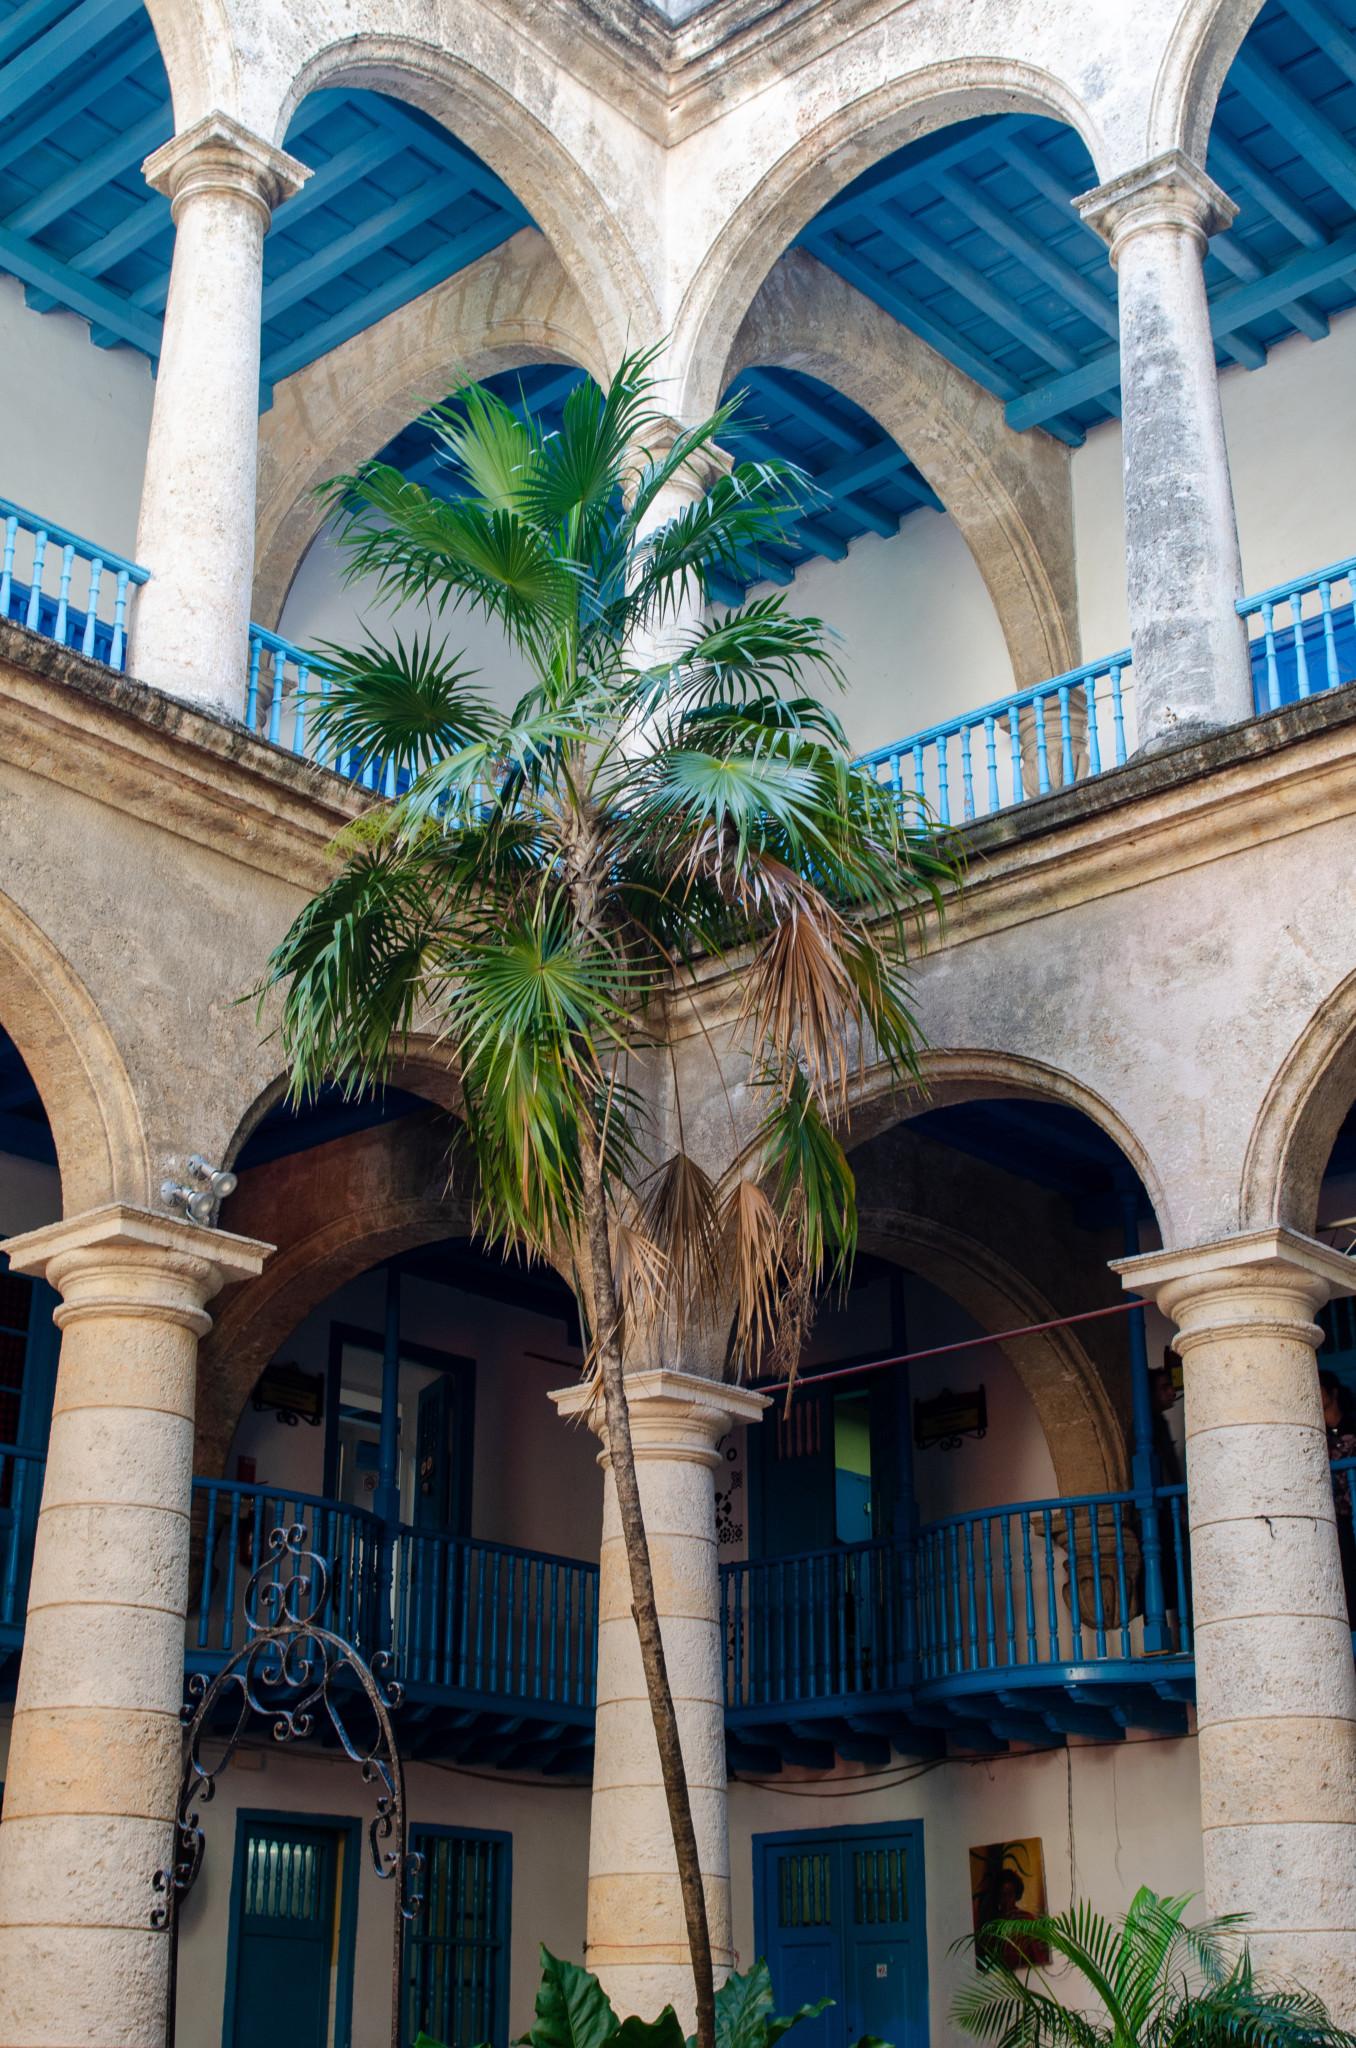 Häufig ist der Innenhof der Museen in Havanna besonders schön